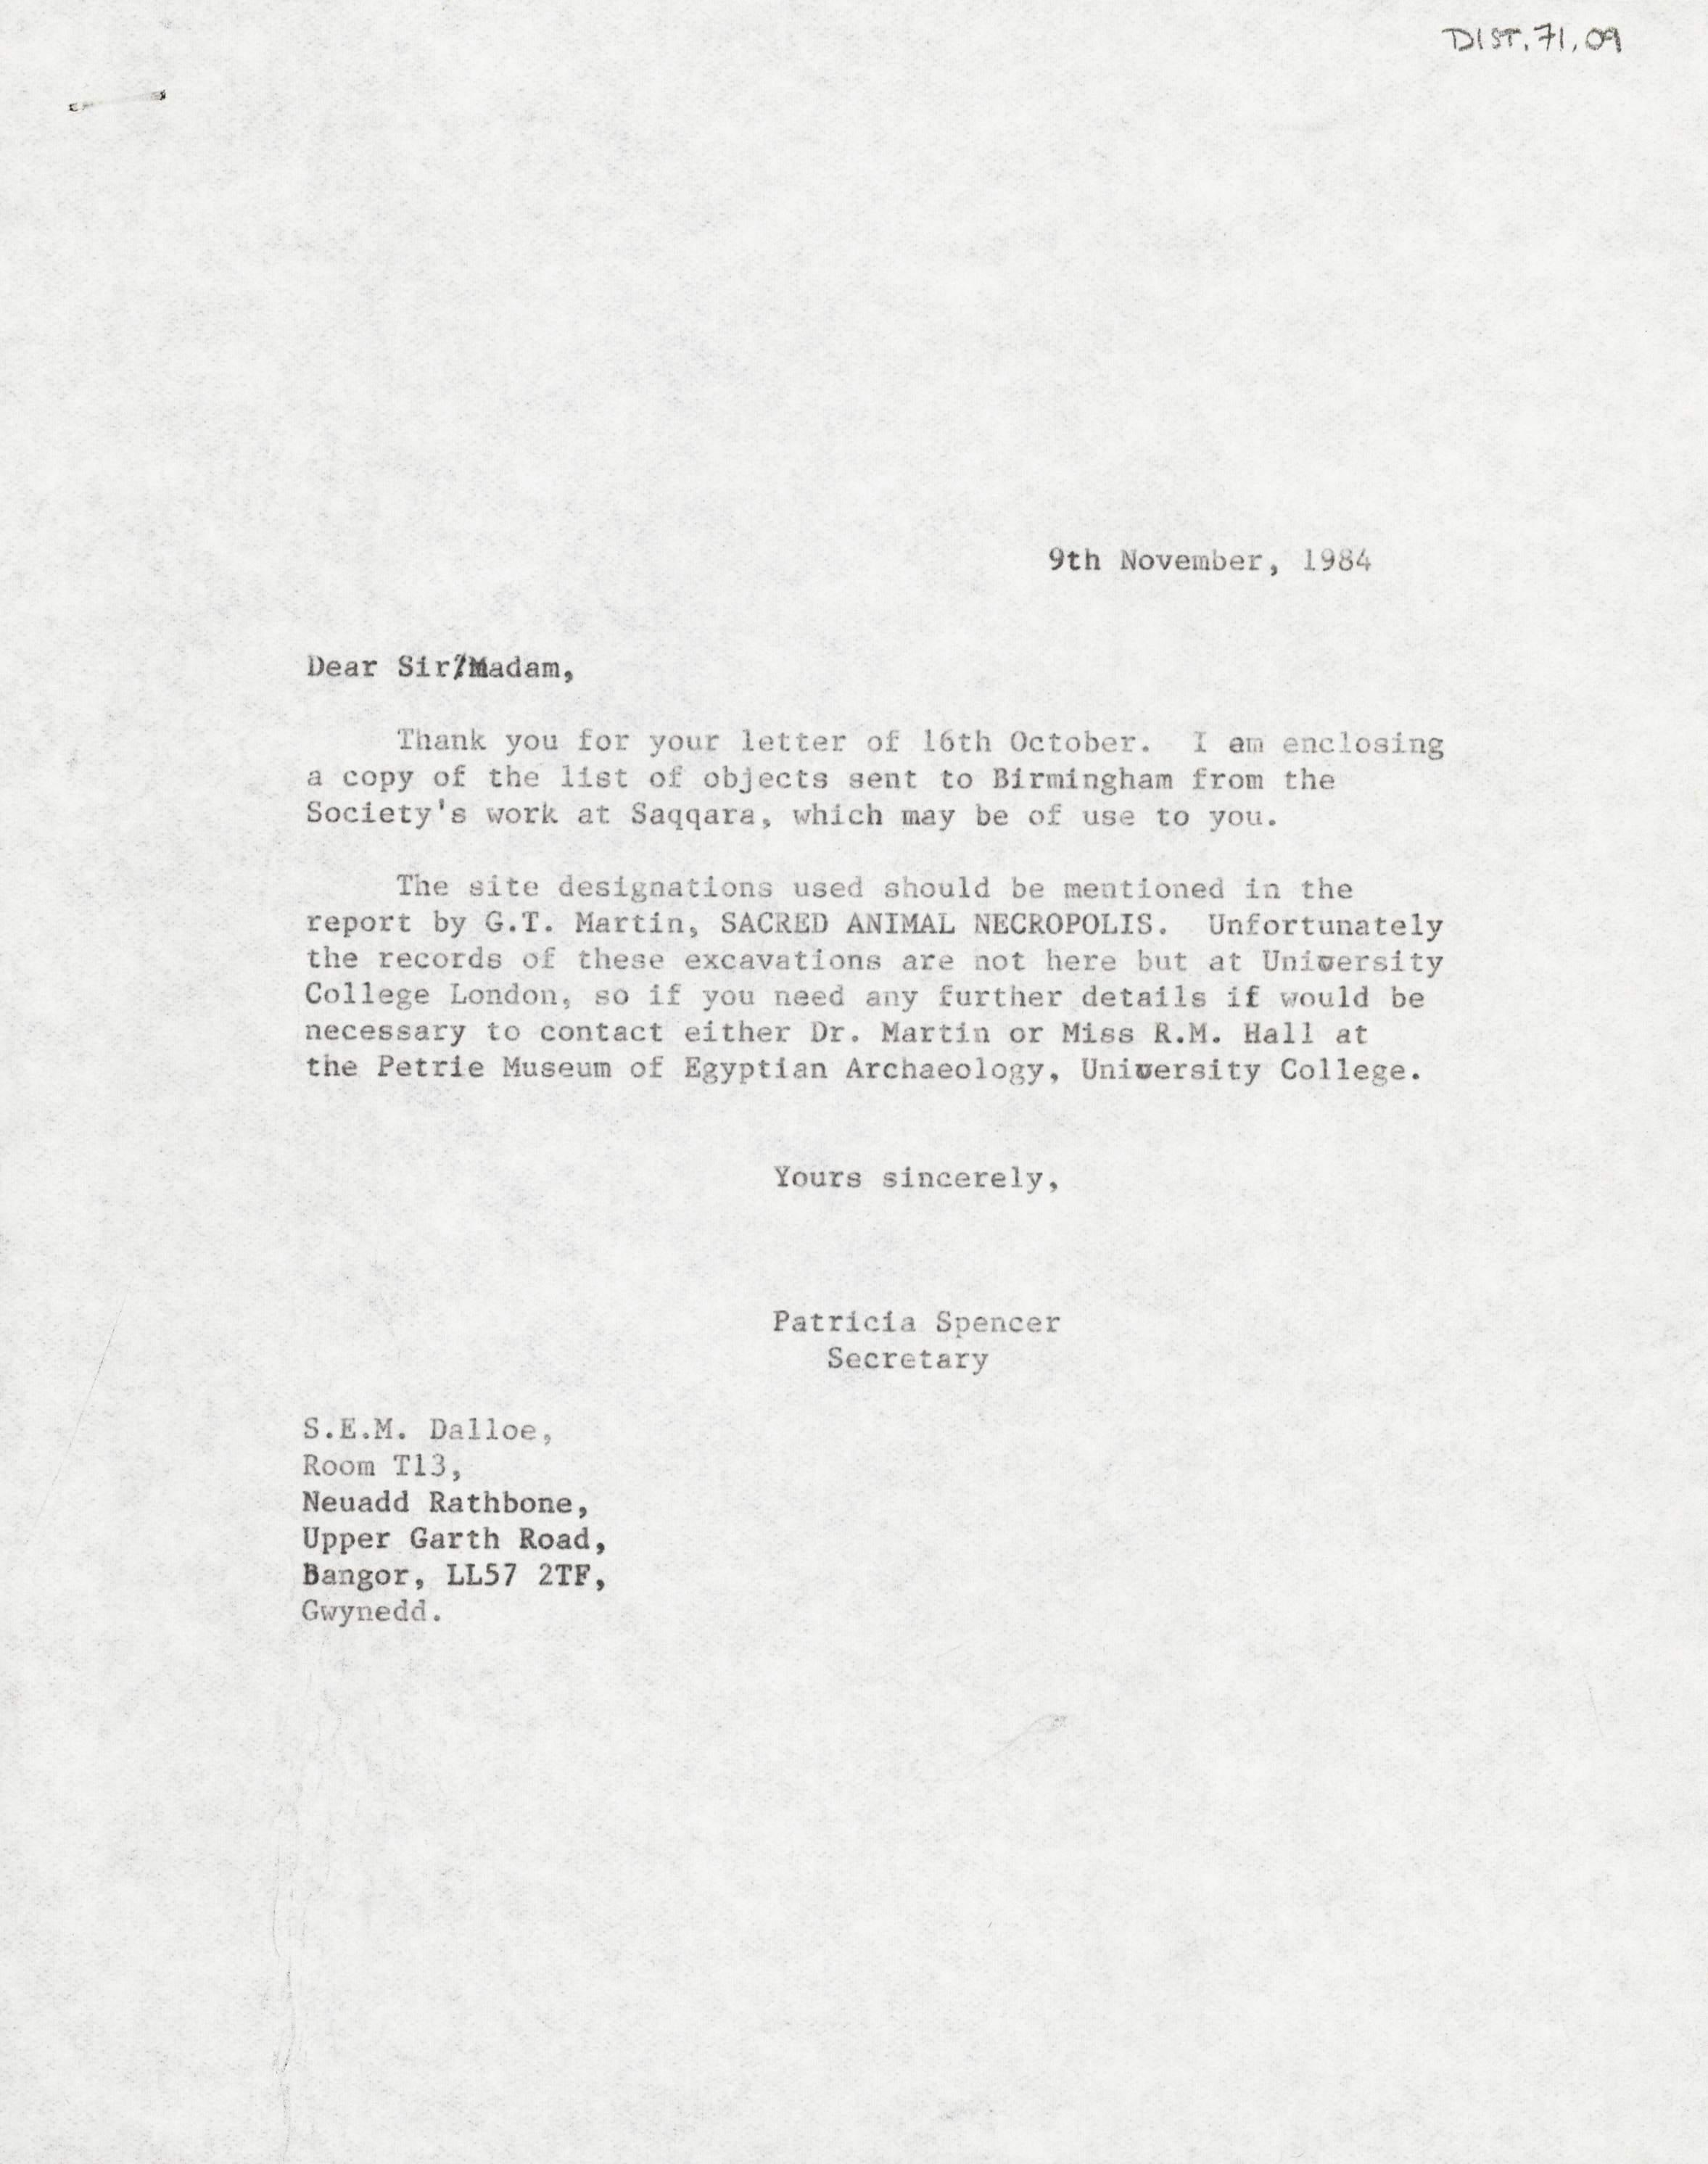 1968-84 Saqqara DIST.71.09